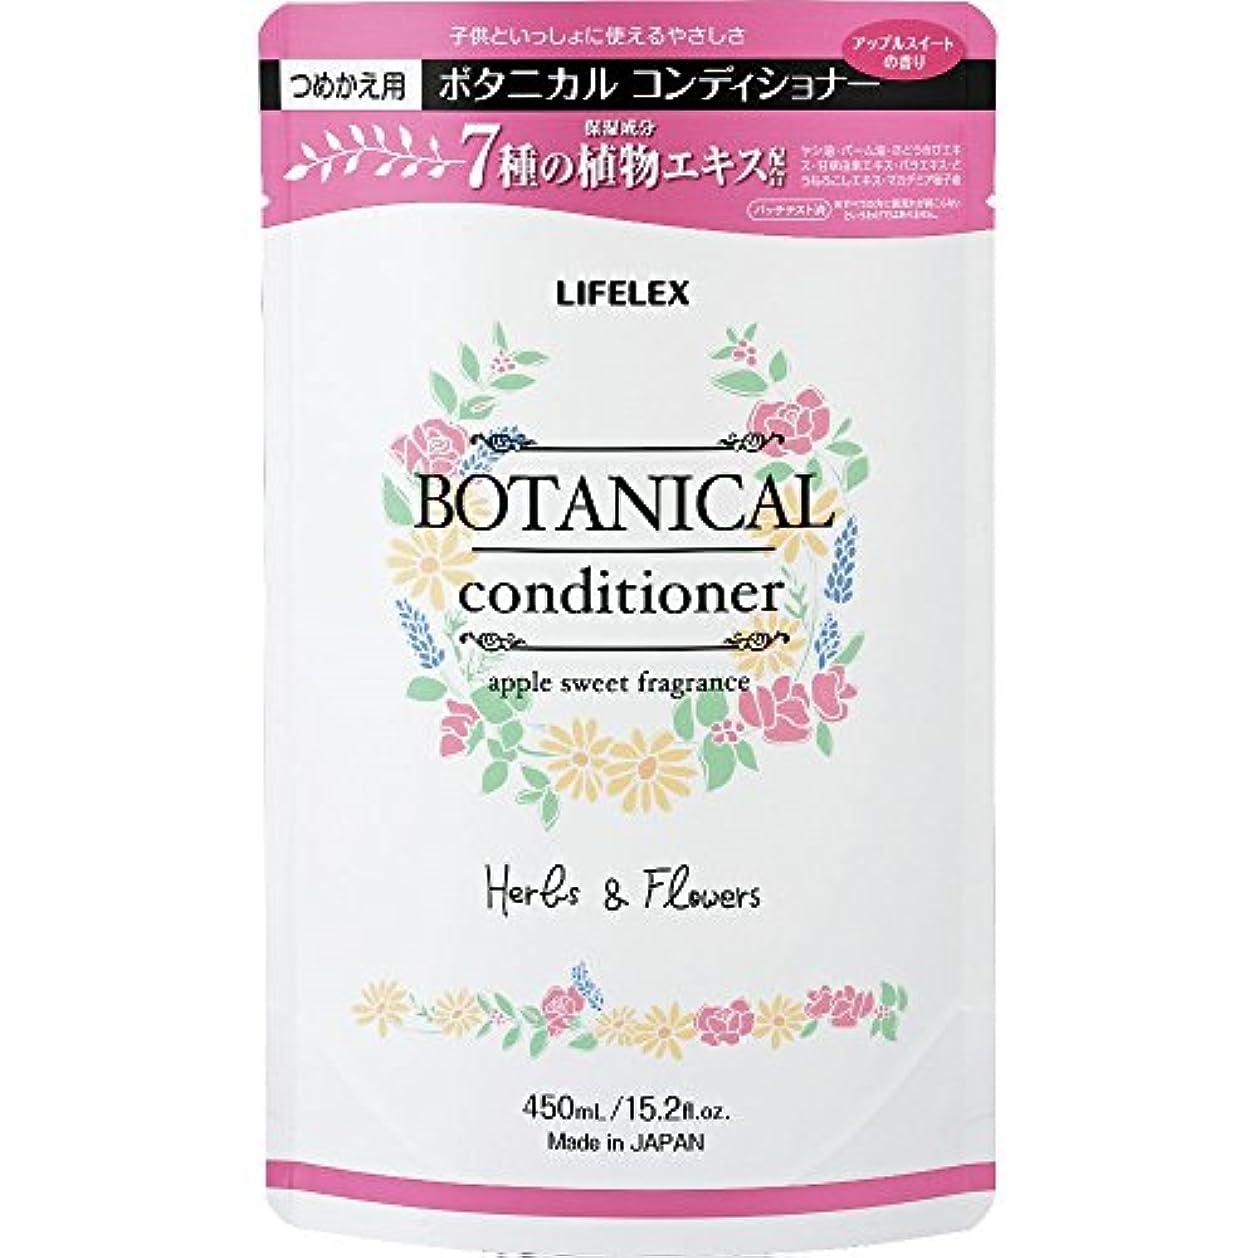 ホームレス論理的ガイドコーナン オリジナル LIFELEX ボタニカル コンディショナー アップルスイートの香り 詰め替え